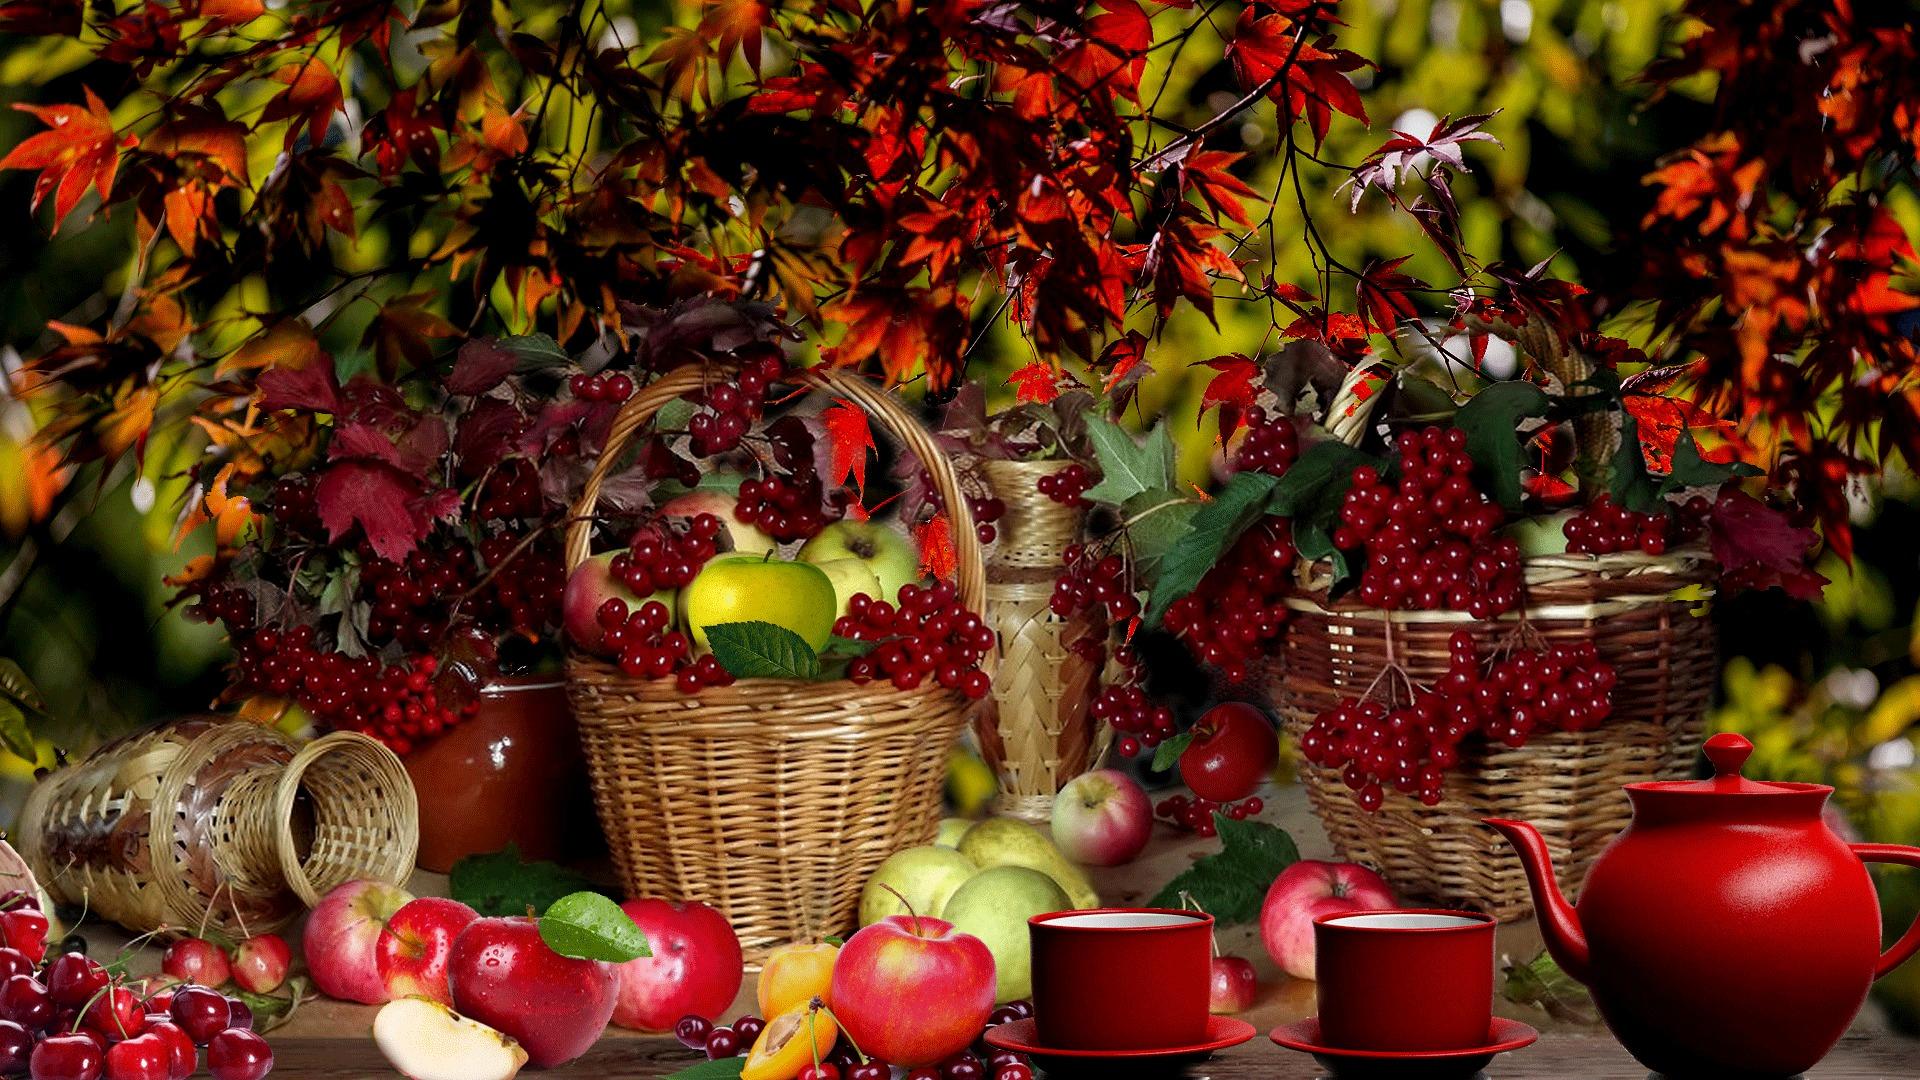 метод реализуется красивые картинки фрукты осень удача в если